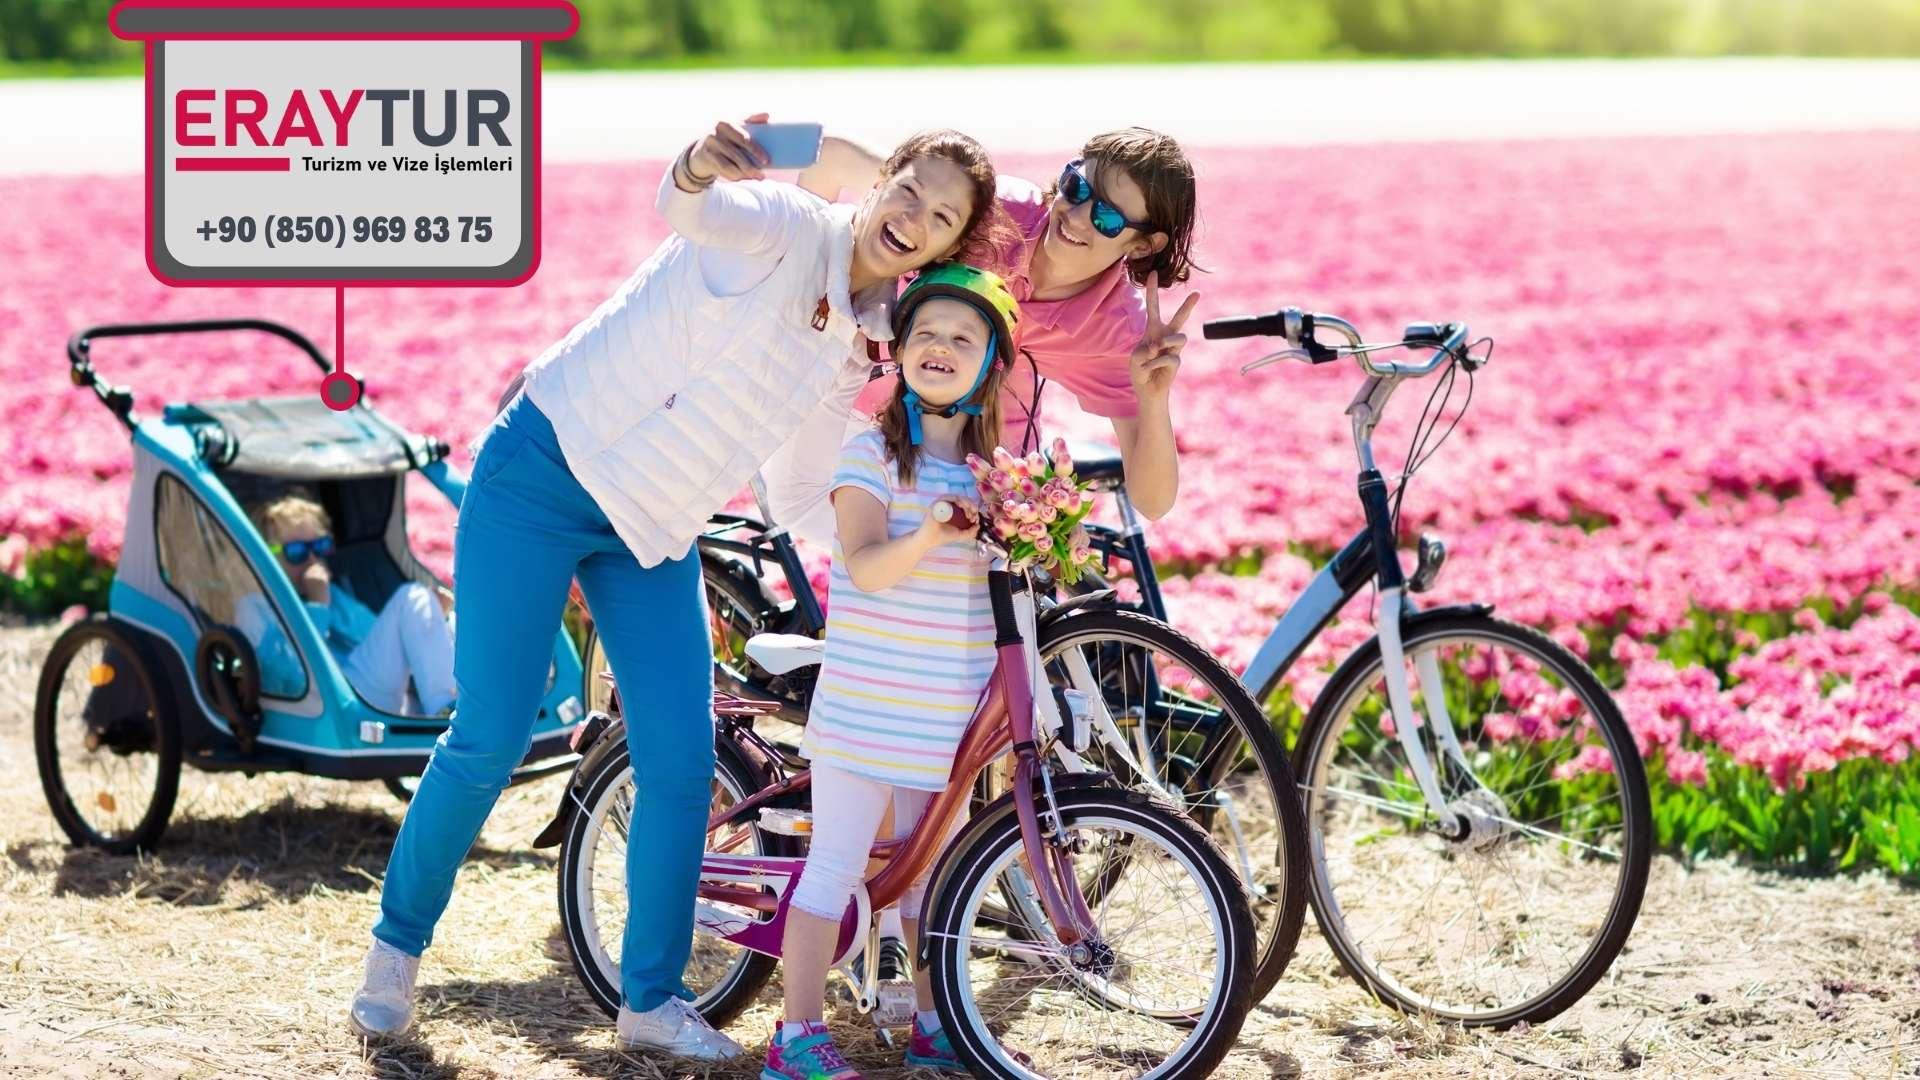 Hollanda Aile Ziyareti Vize Dilekçe Örneği